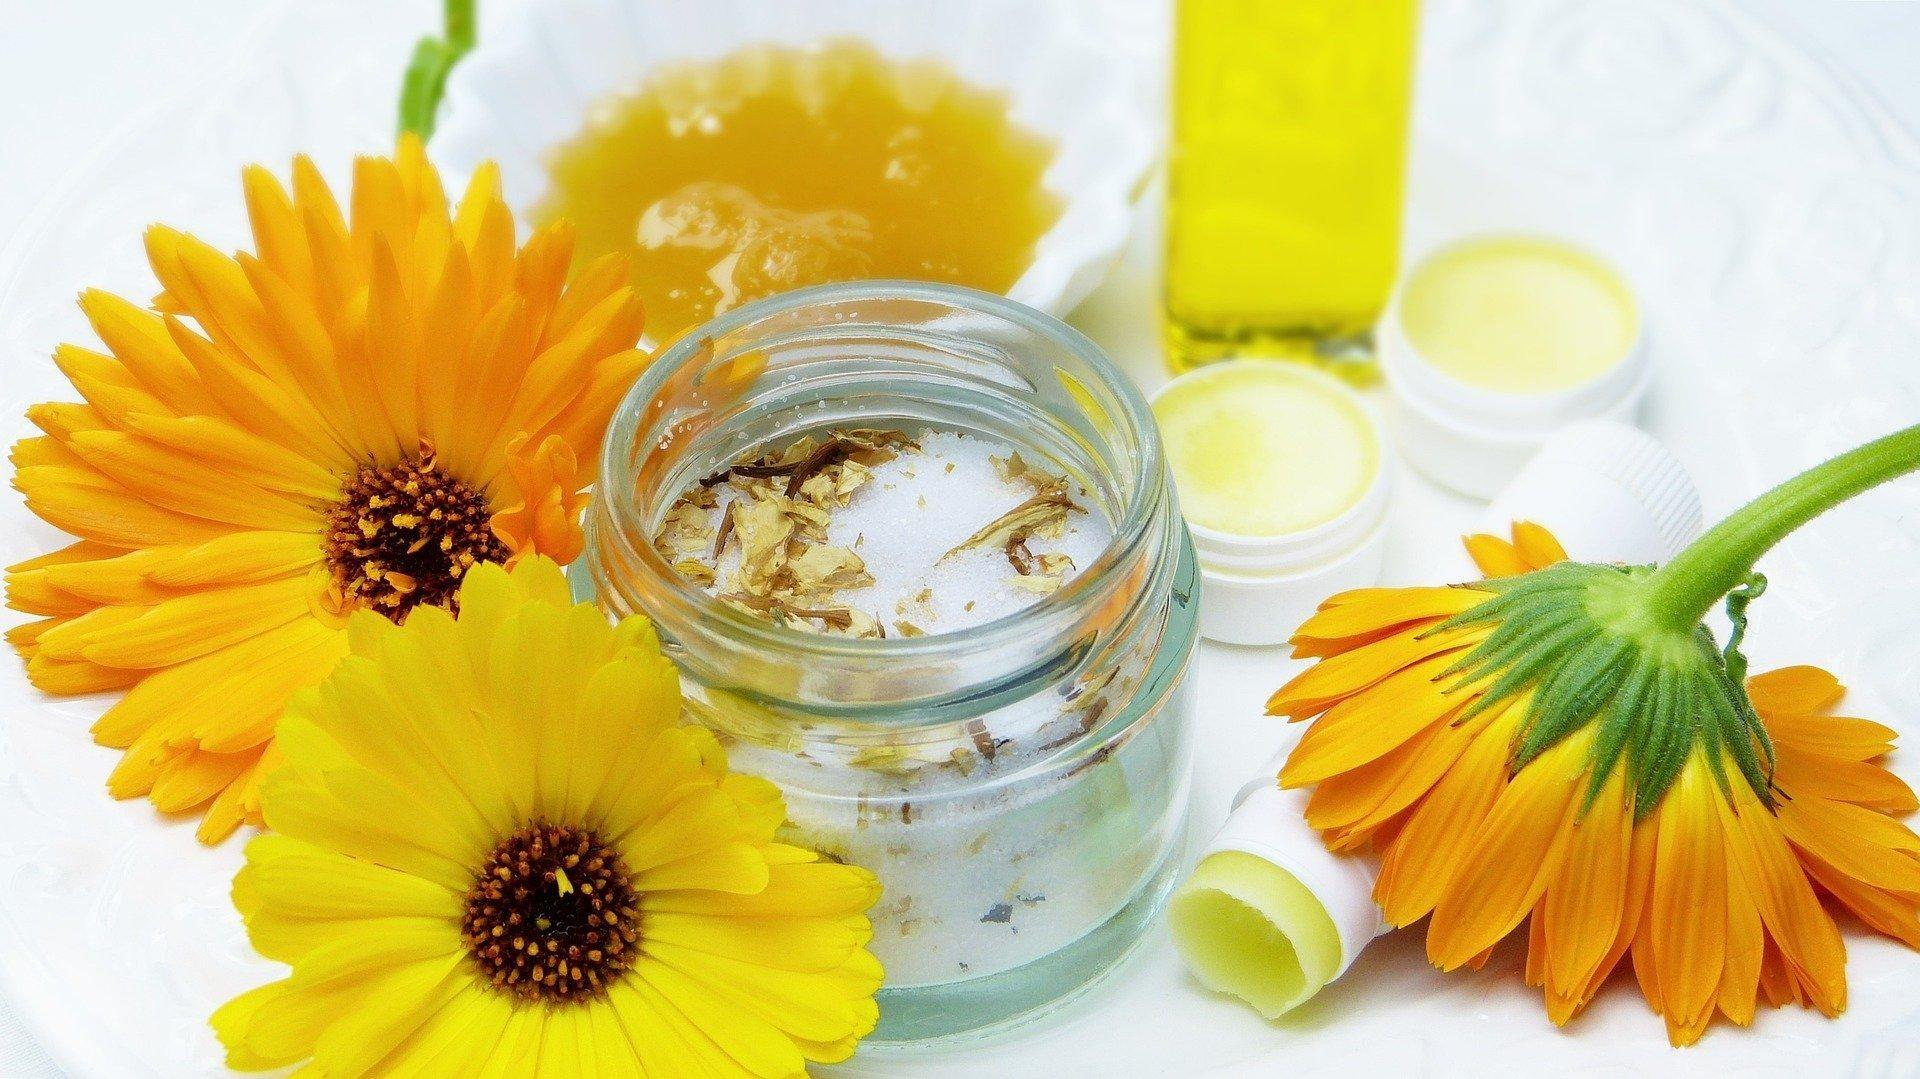 cosméticos naturais: o que são